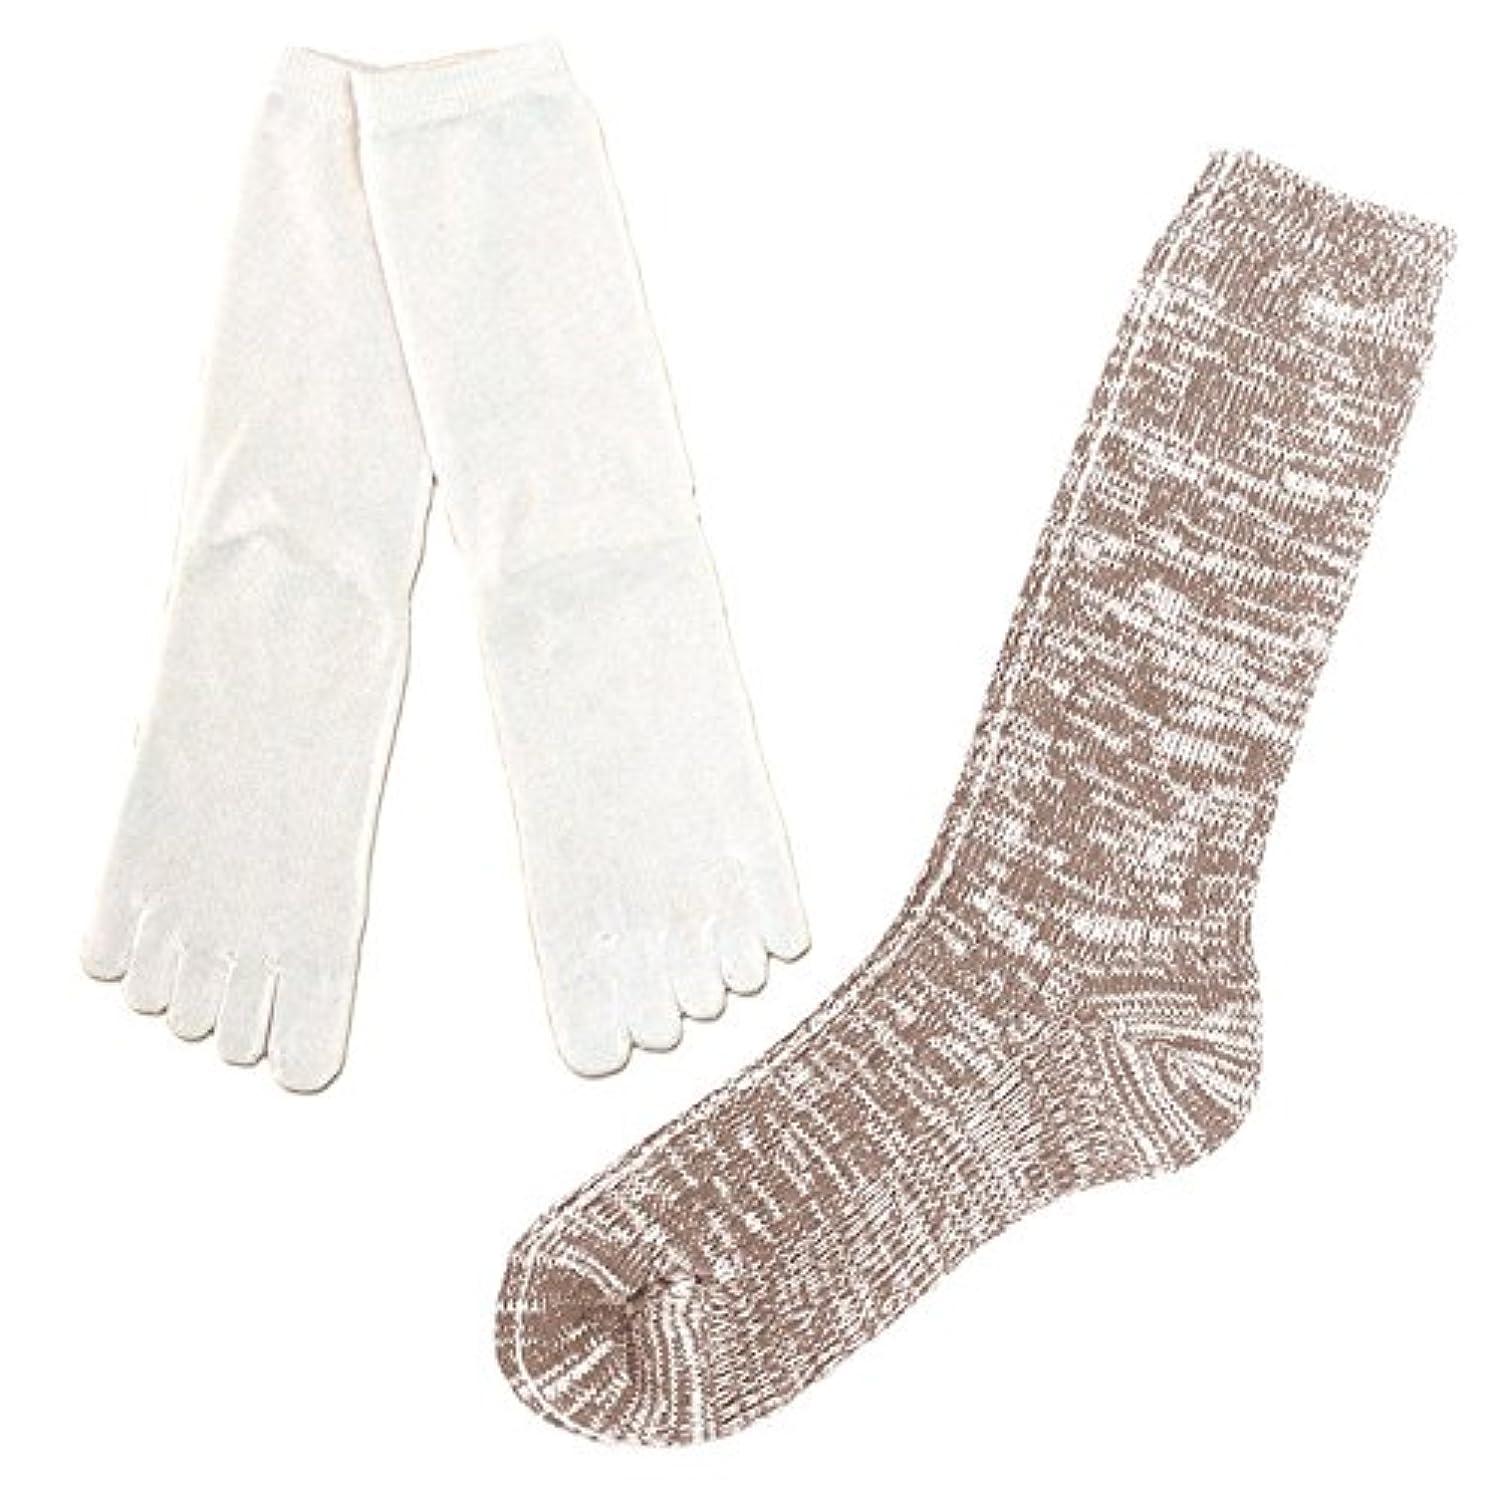 予感前任者あなたはシルク 5本指 & コットン リブ ソックス 冷えとり 2足セット 重ね履き 靴下 日本製 23-25cm (ベージュ杢)